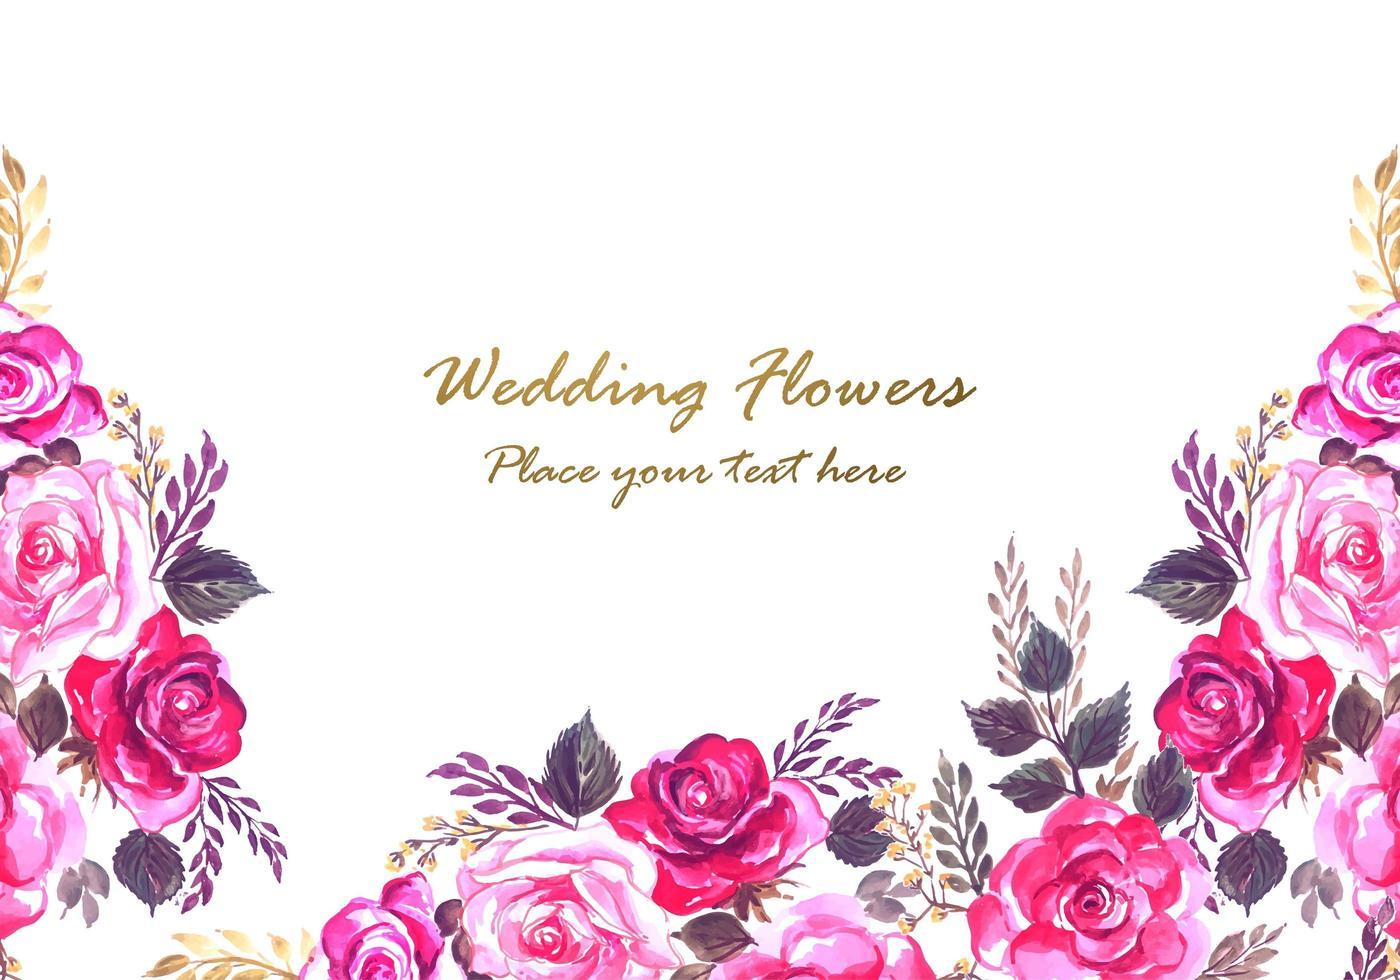 Cornice floreale rosa e viola decorativo bellissimo matrimonio vettore